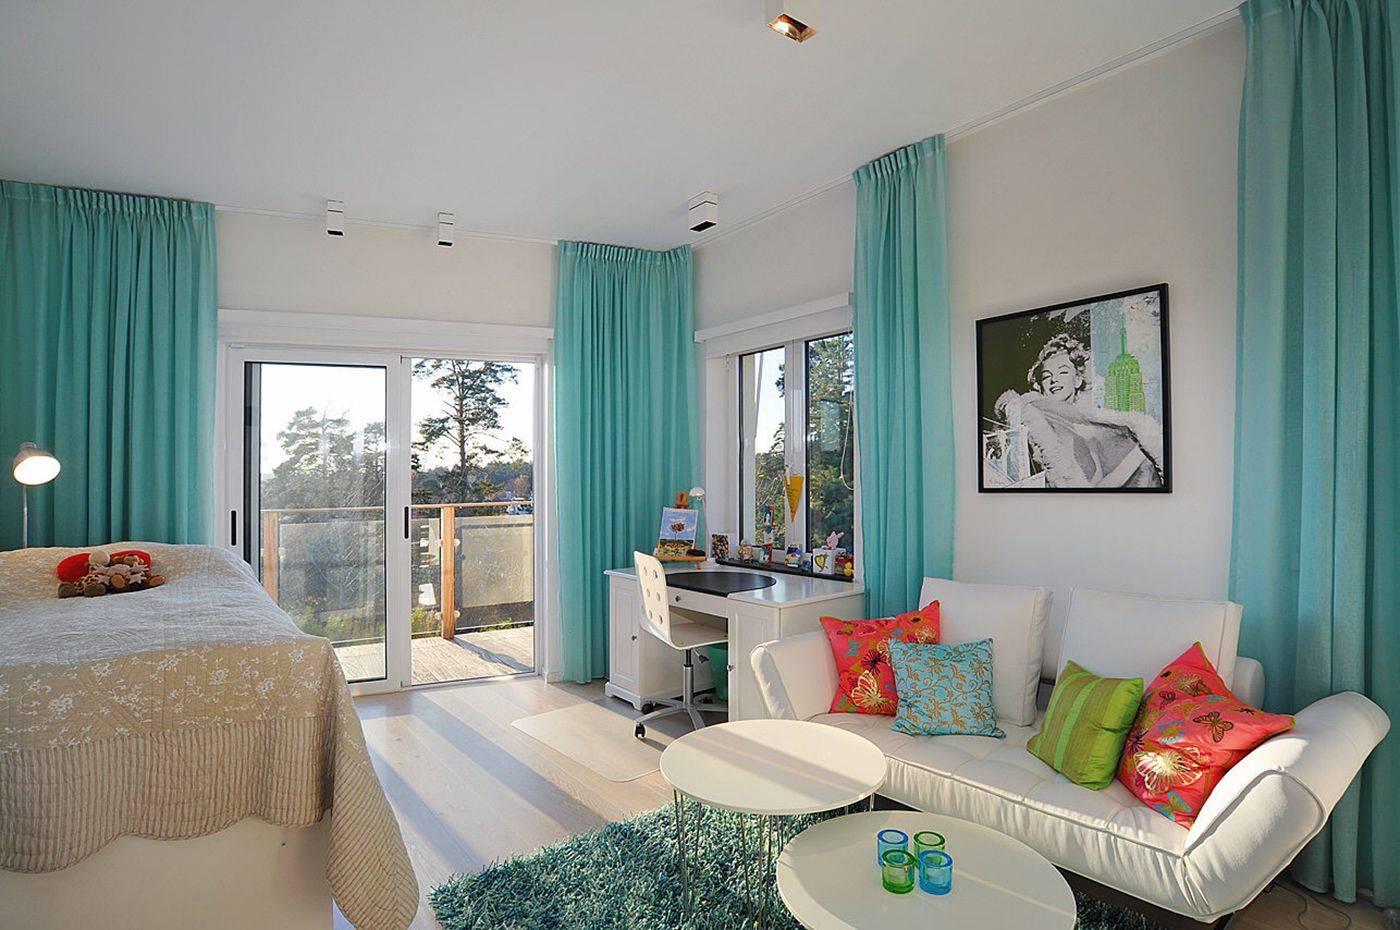 Гостиная в бирюзовых тонах (49 фото): дизайн интерьера в цвете «бирюза», расстановка акцентов и сочетания с бежевыми и коричневыми оттенками